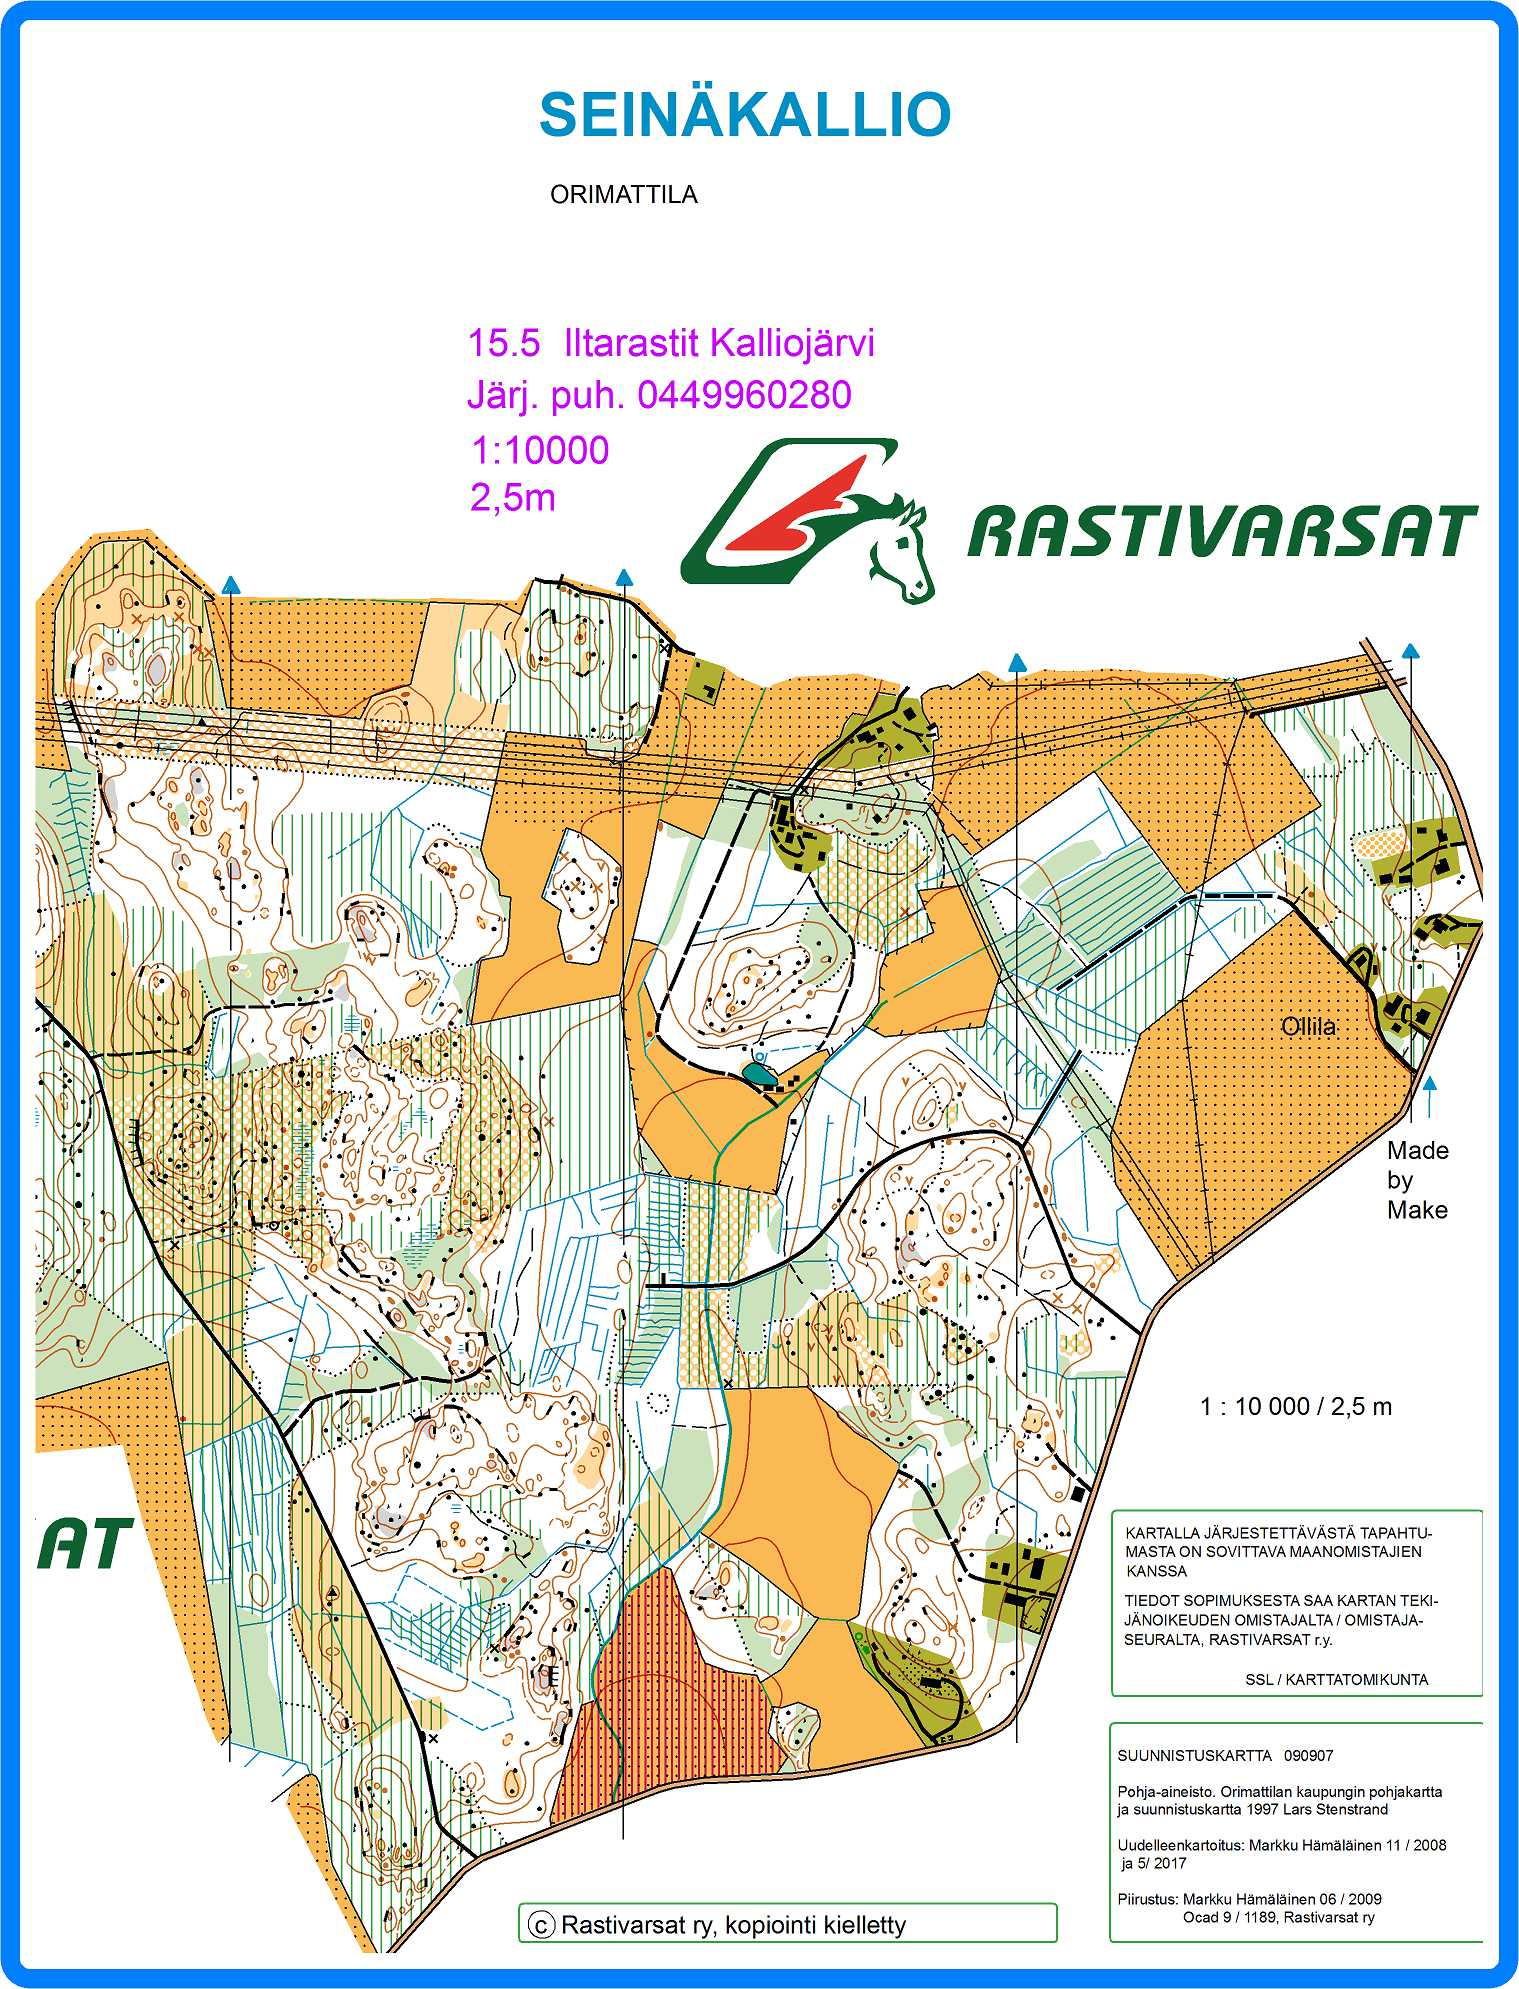 Seinakallio Orimattilan Iltarastit May 8th 2017 Orienteering